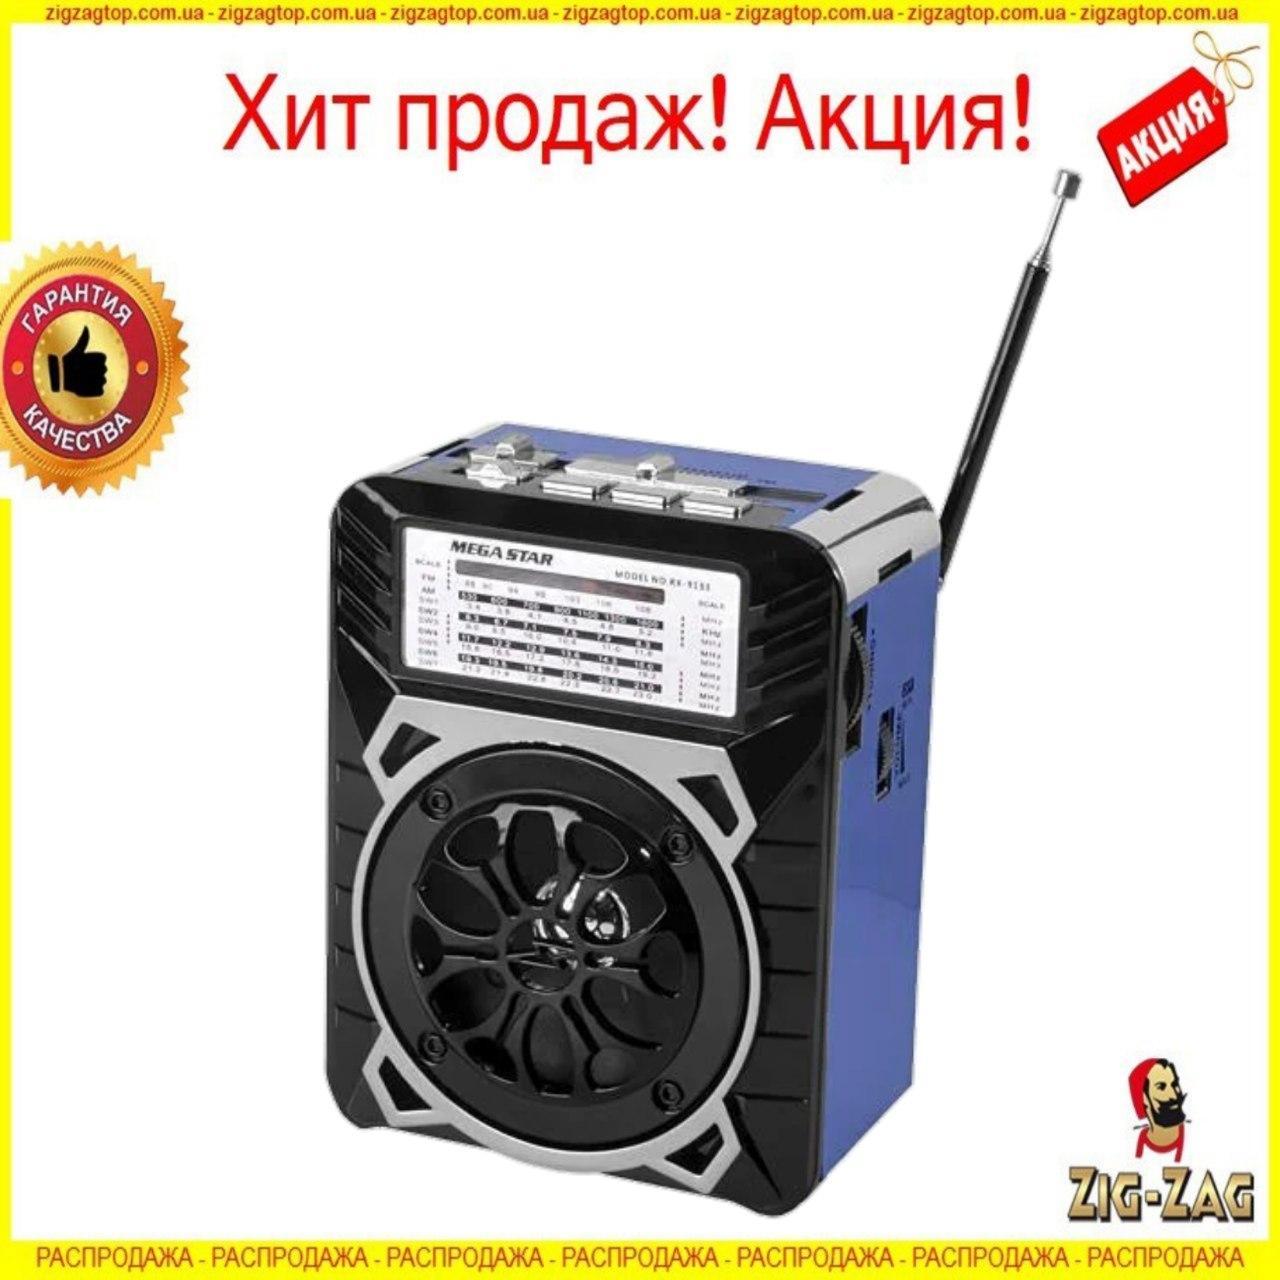 Радіоприймач Golon RX-9133 SD/USB з ліхтарем РАДІО Радіоприймач колонка МАГНІТОФОН на Пікнік, Природу, Пляж